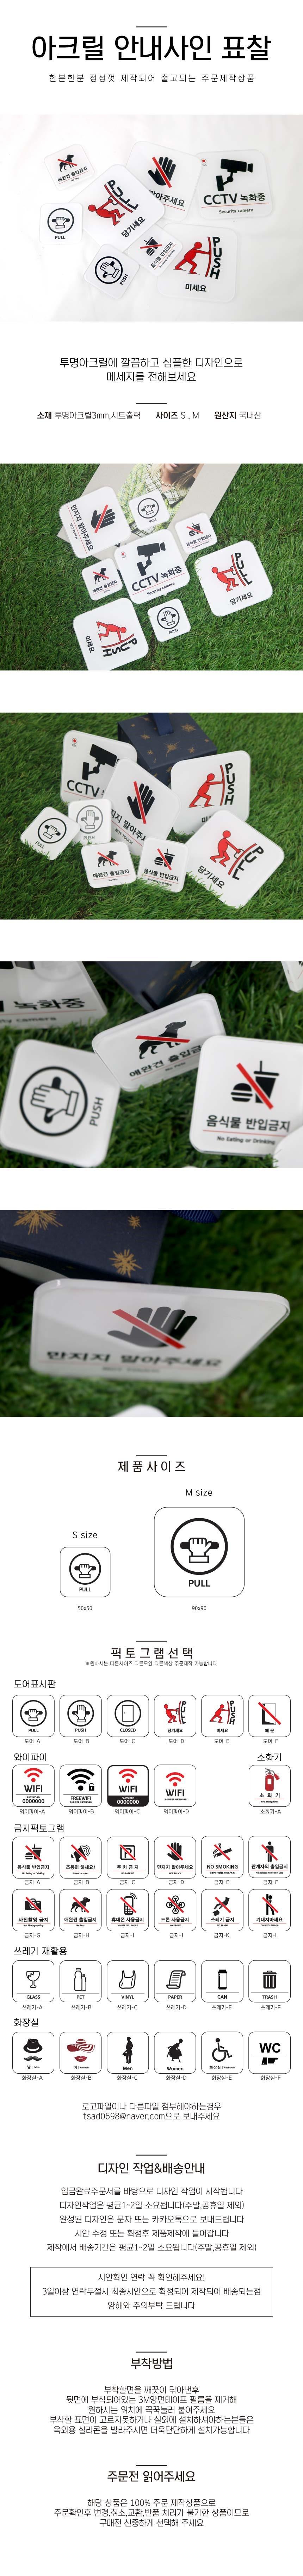 아크릴 안내사인 표찰 50mmX50mm size S - 사인모아, 7,350원, 문패/보드, 아크릴문패